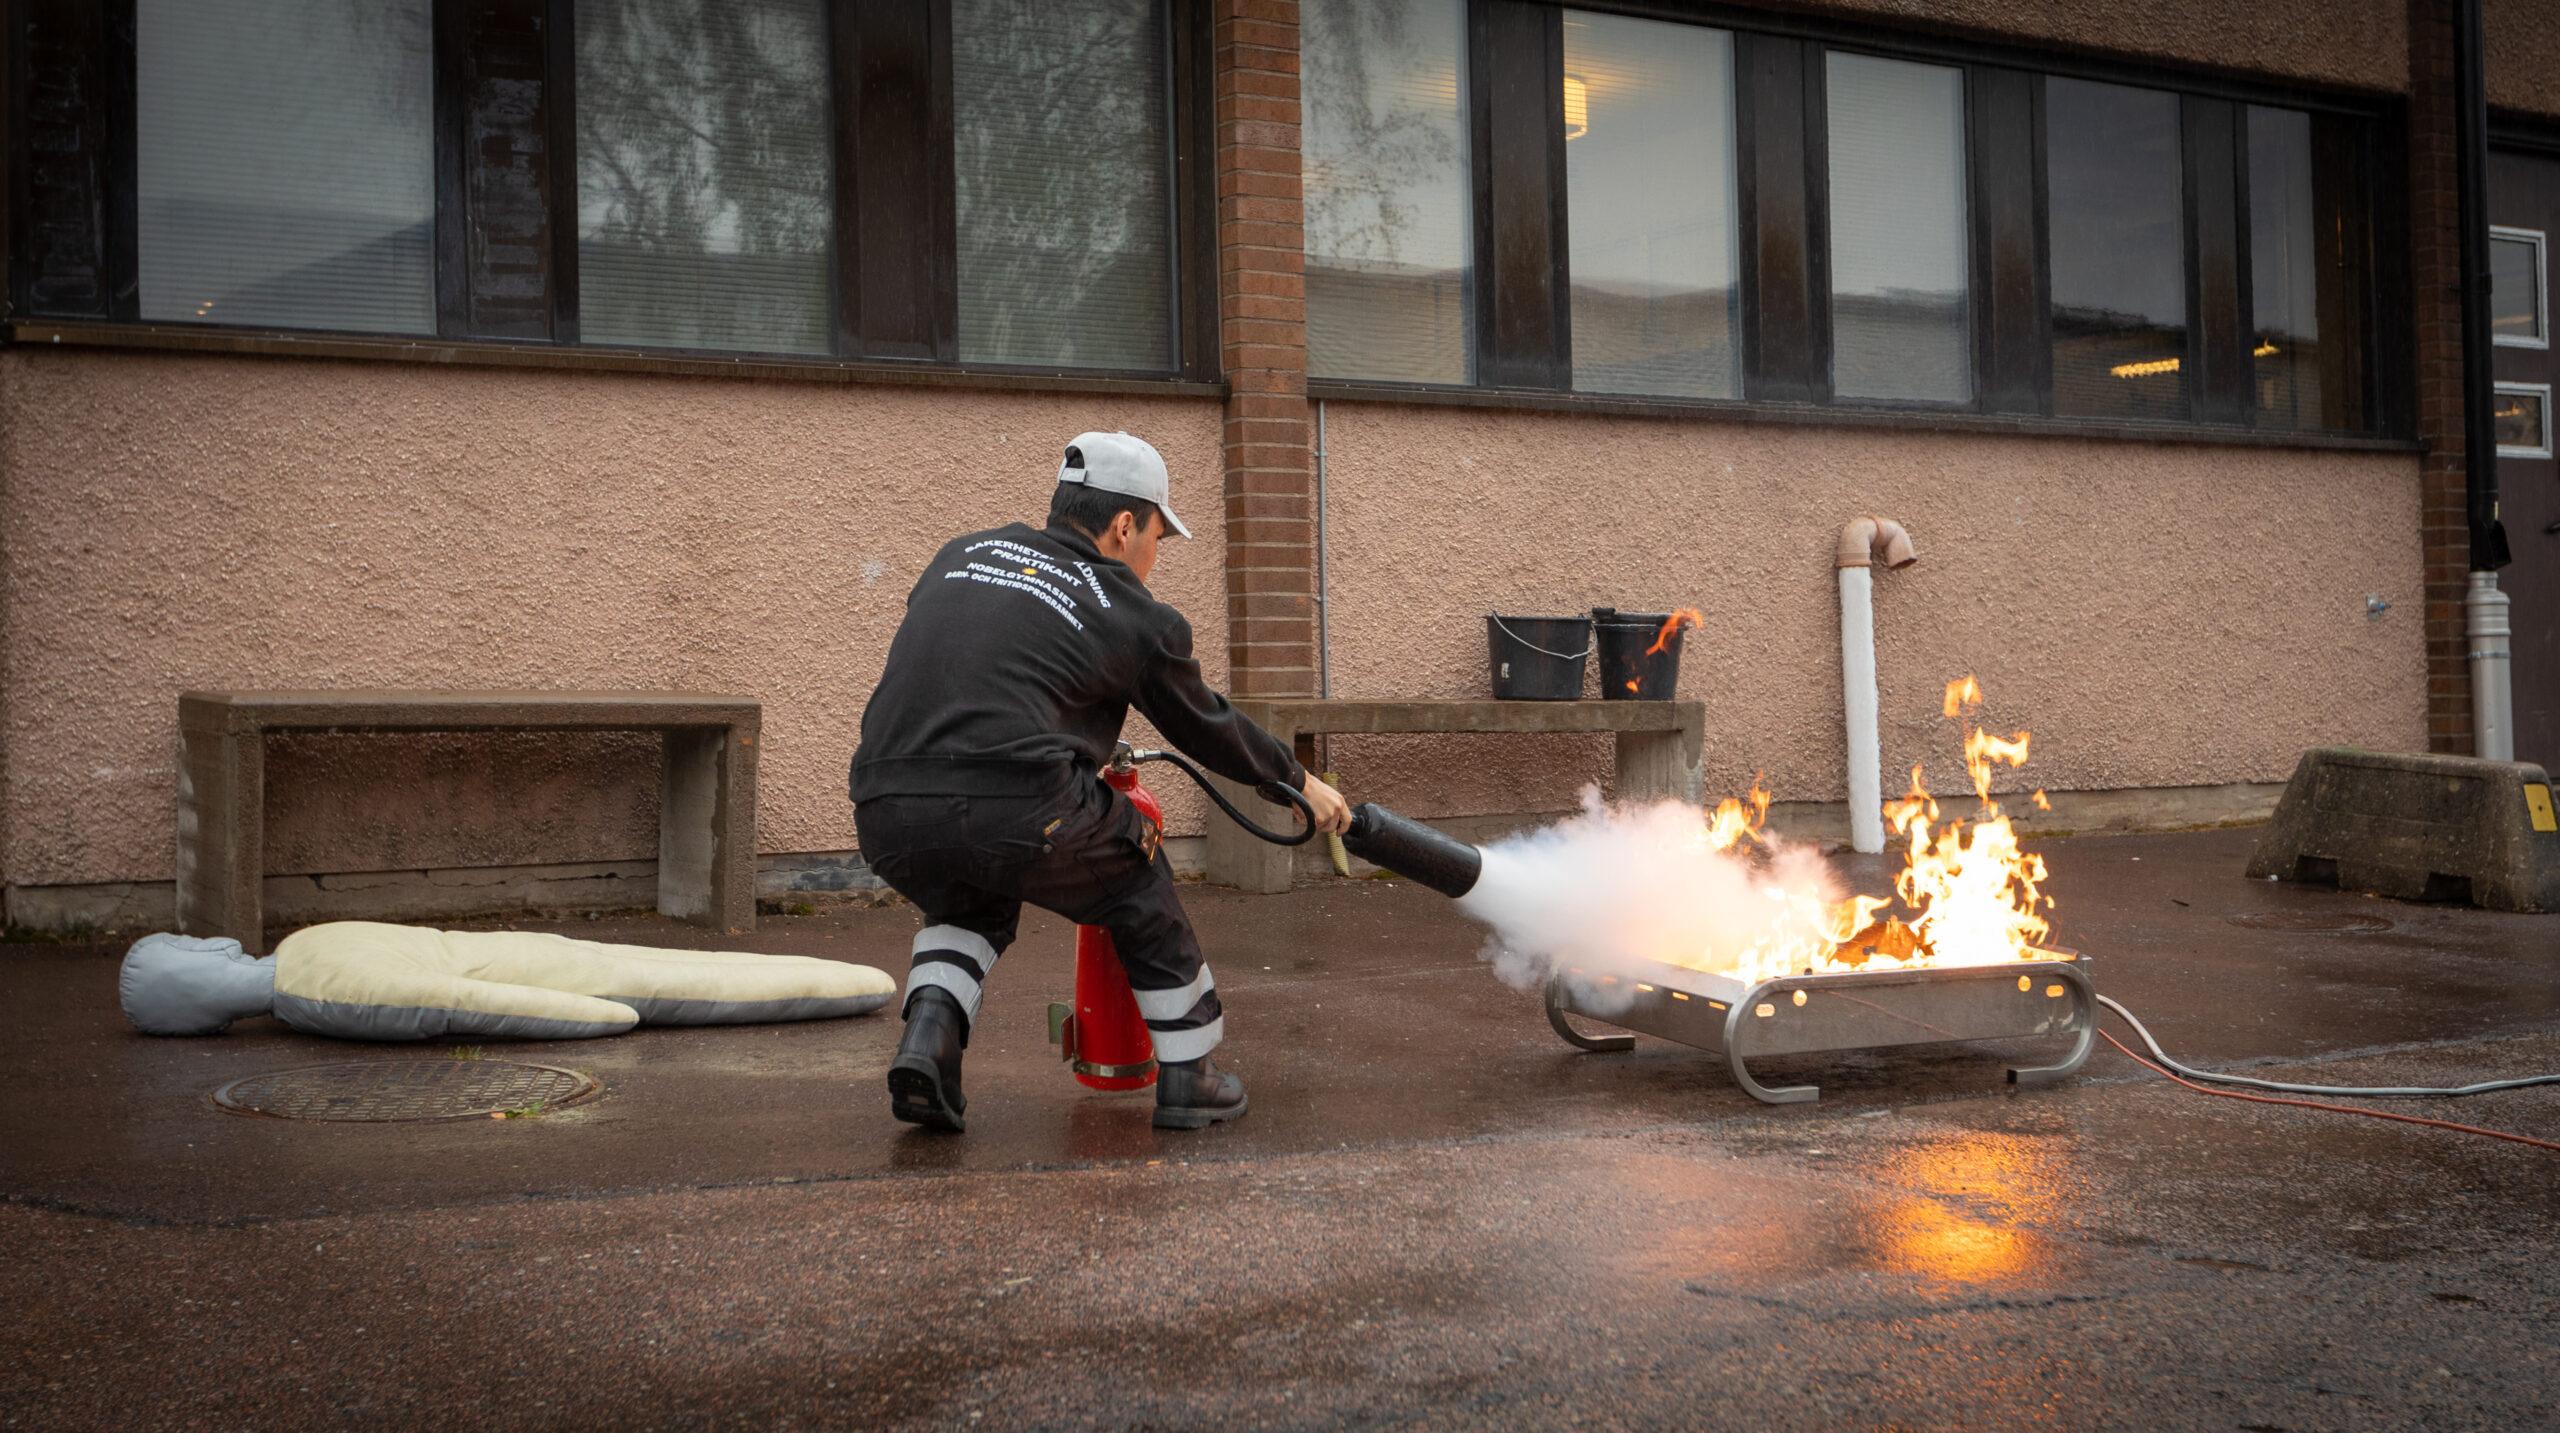 En elev med yrkesutgång väktare använder en brandsläckare för att släcka eld i ett oljefat som en del i kursen systematiskt brandskyddsarbete.